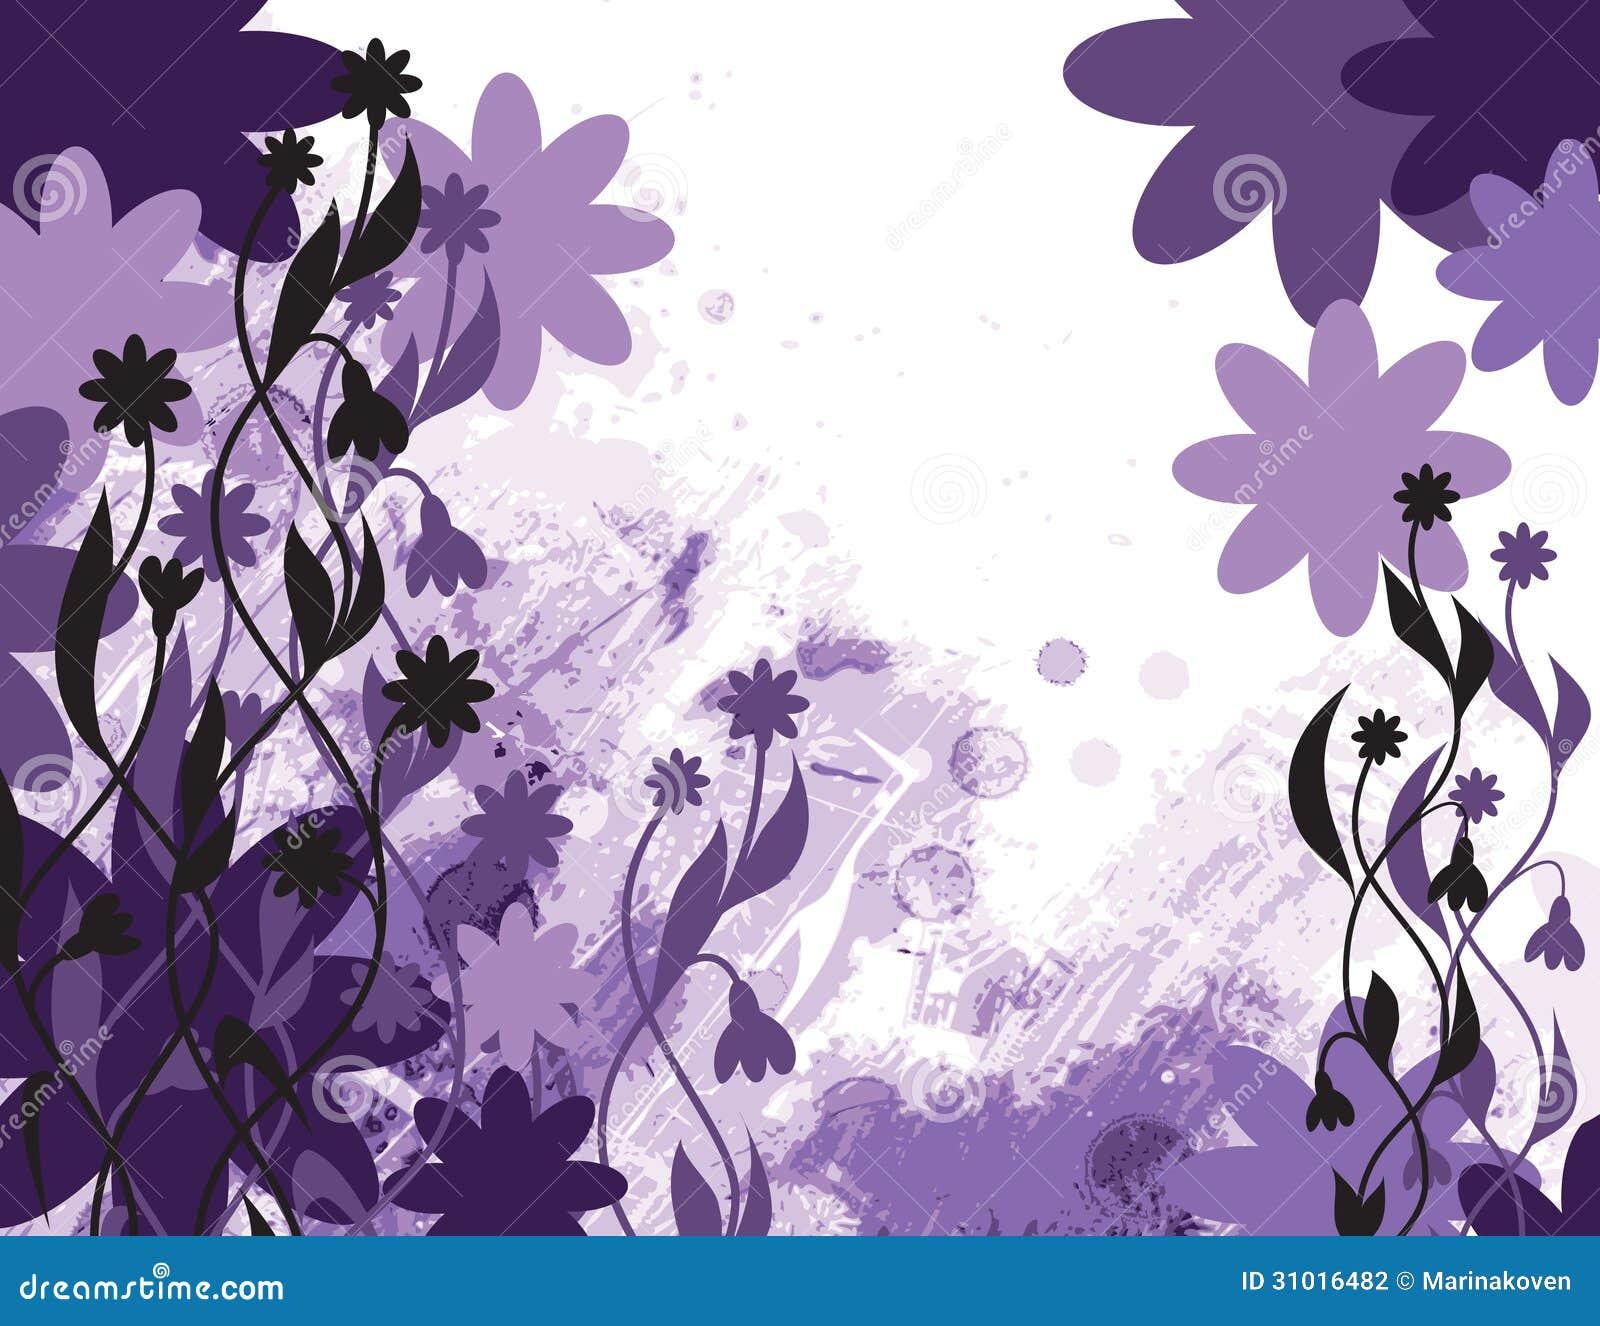 Fundo floral abstrato. Ilustração do vetor.